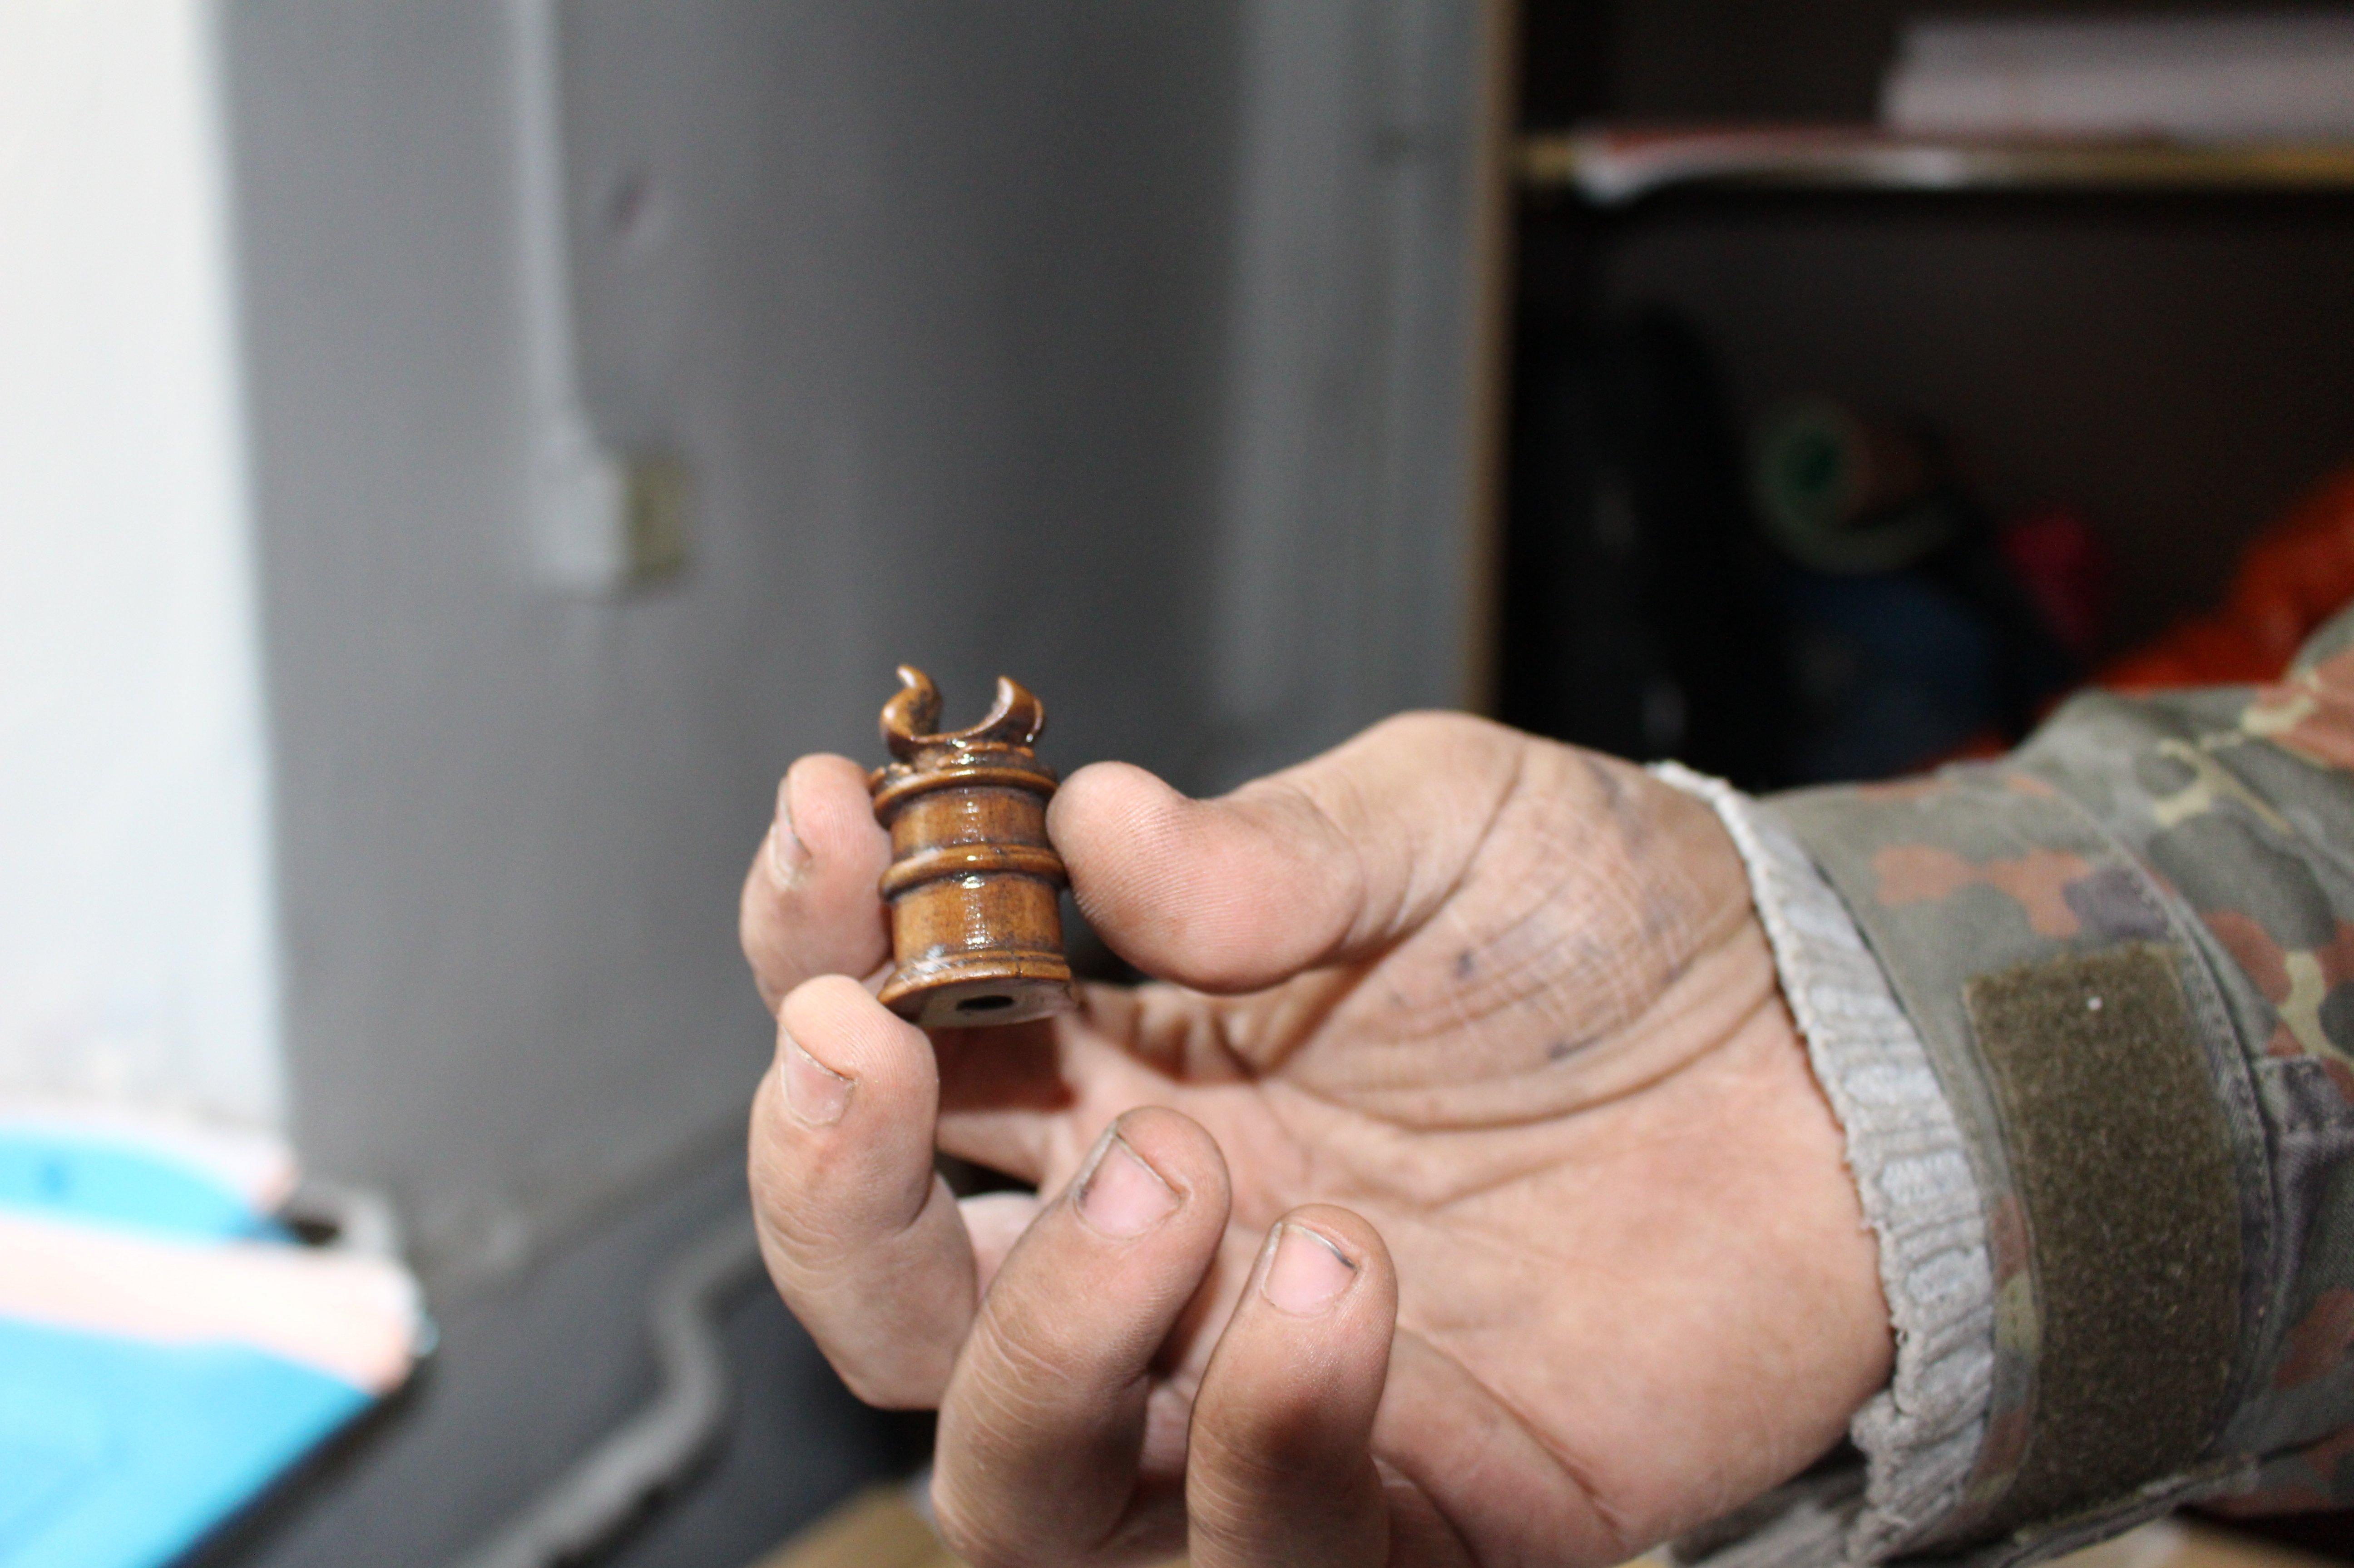 Шахматная ладья предположительно XIV века была найдена 25 октября на территории Старого замка